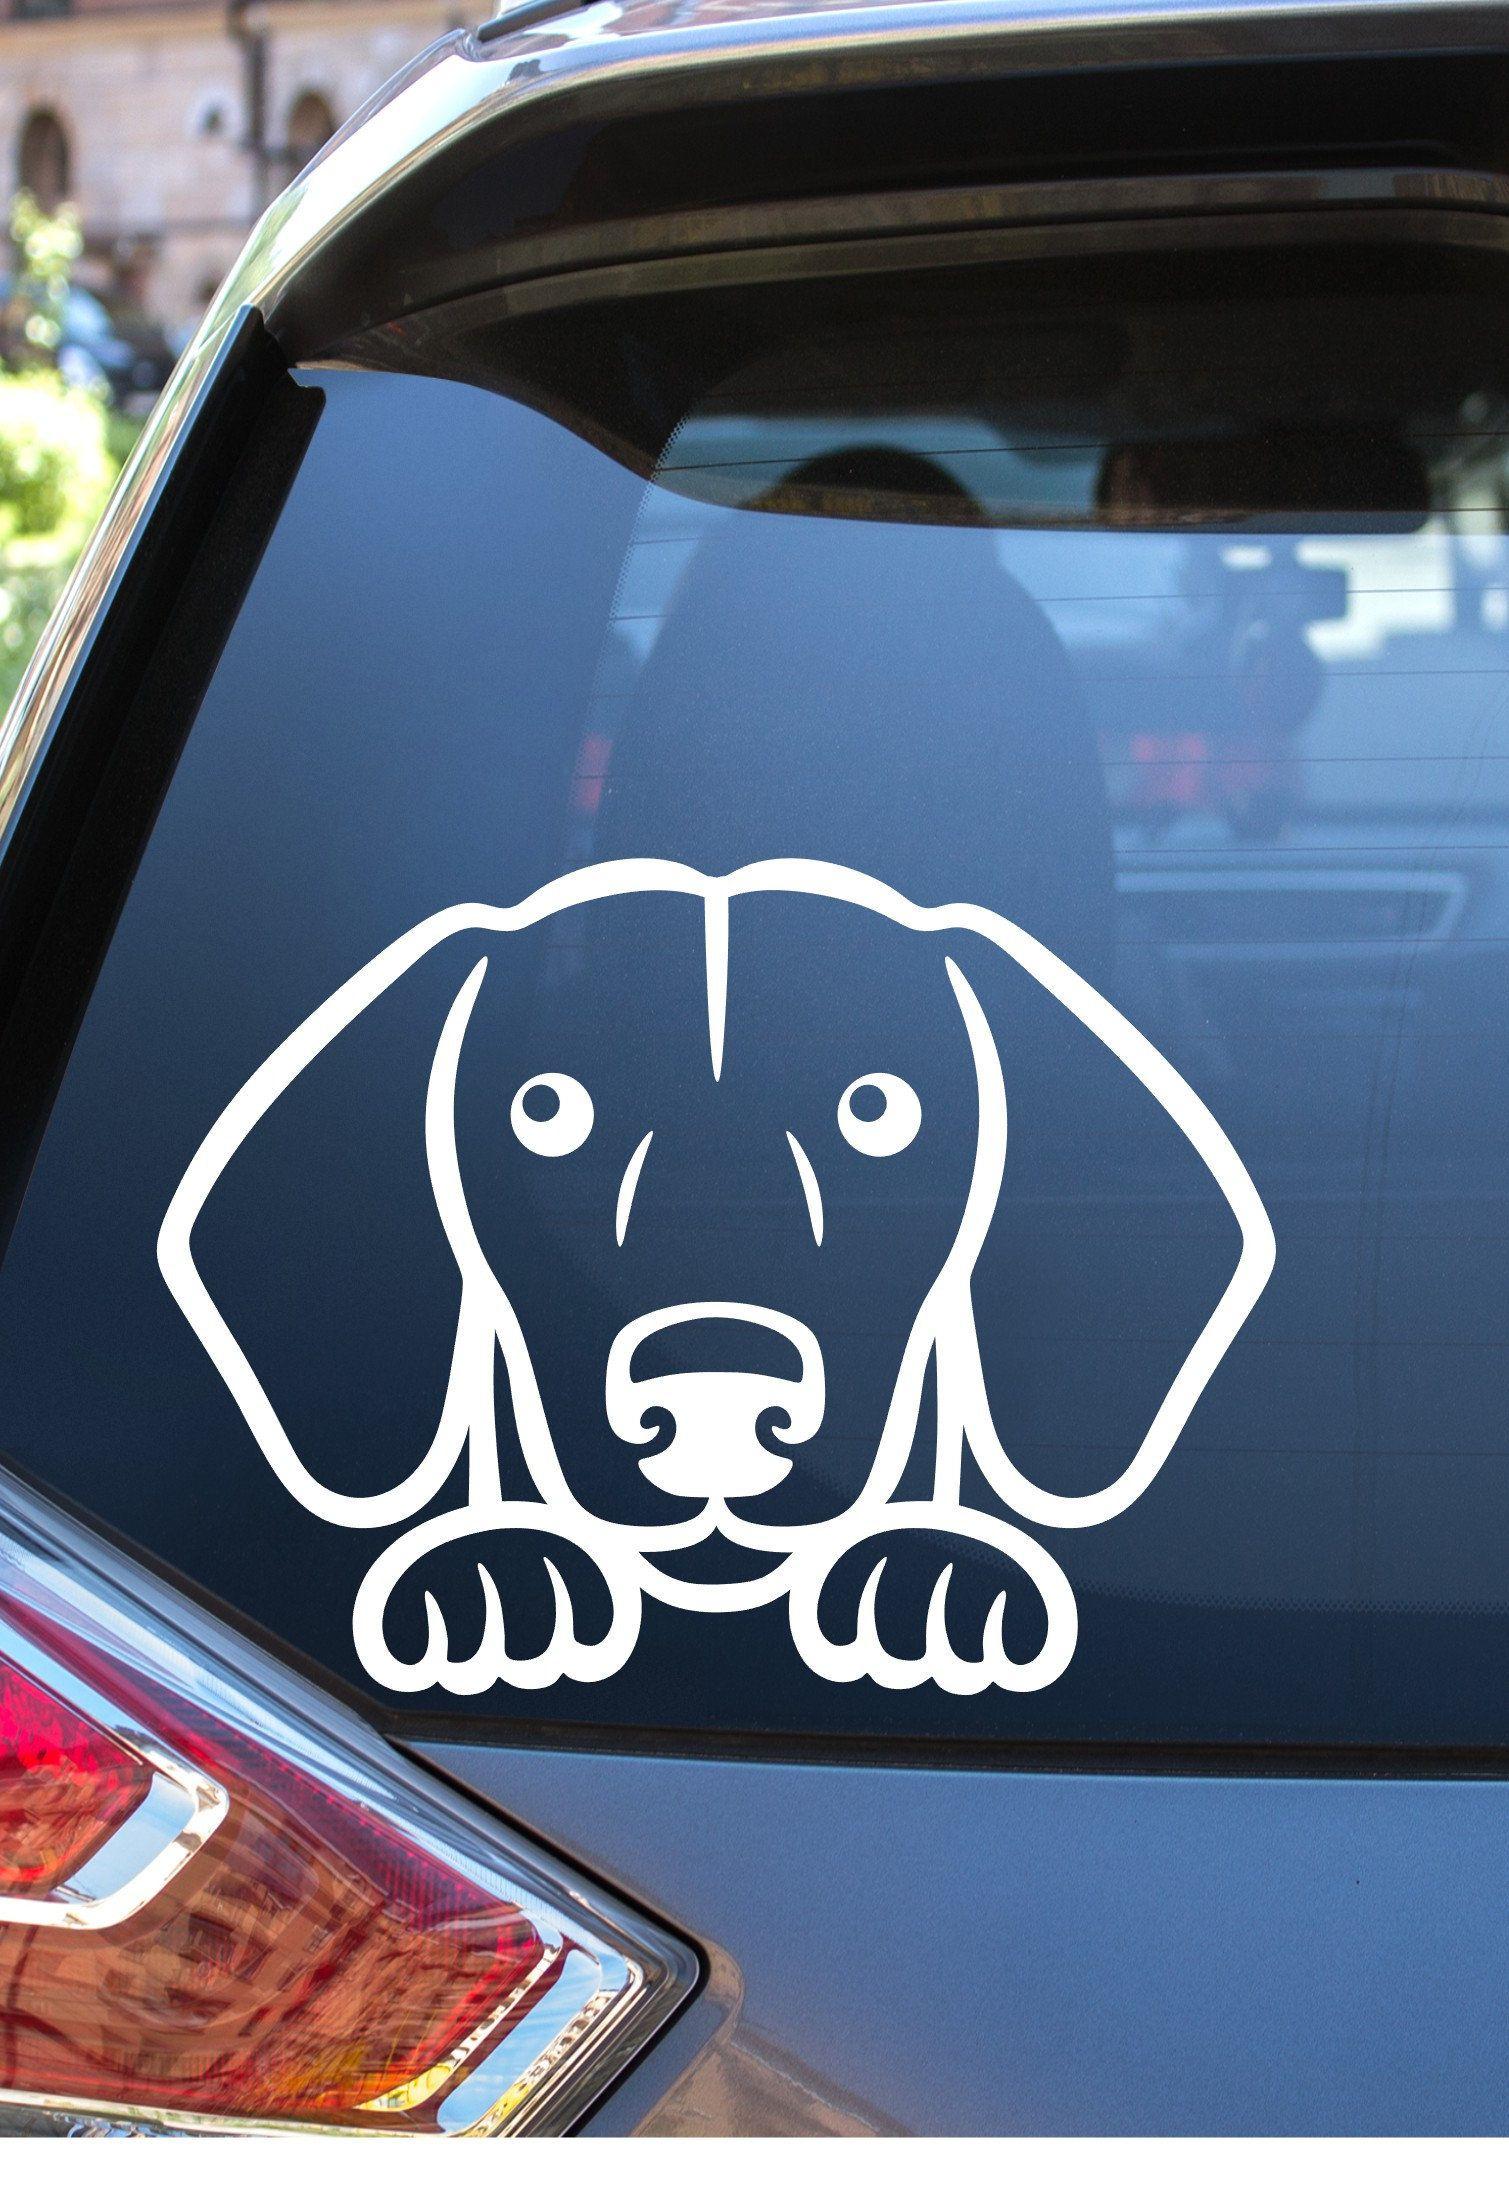 Dachshund Car Peek A Boo Car Decal Dachsund Car Decal Cute Etsy Car Decals Dachshund Dog Car [ 2192 x 1509 Pixel ]